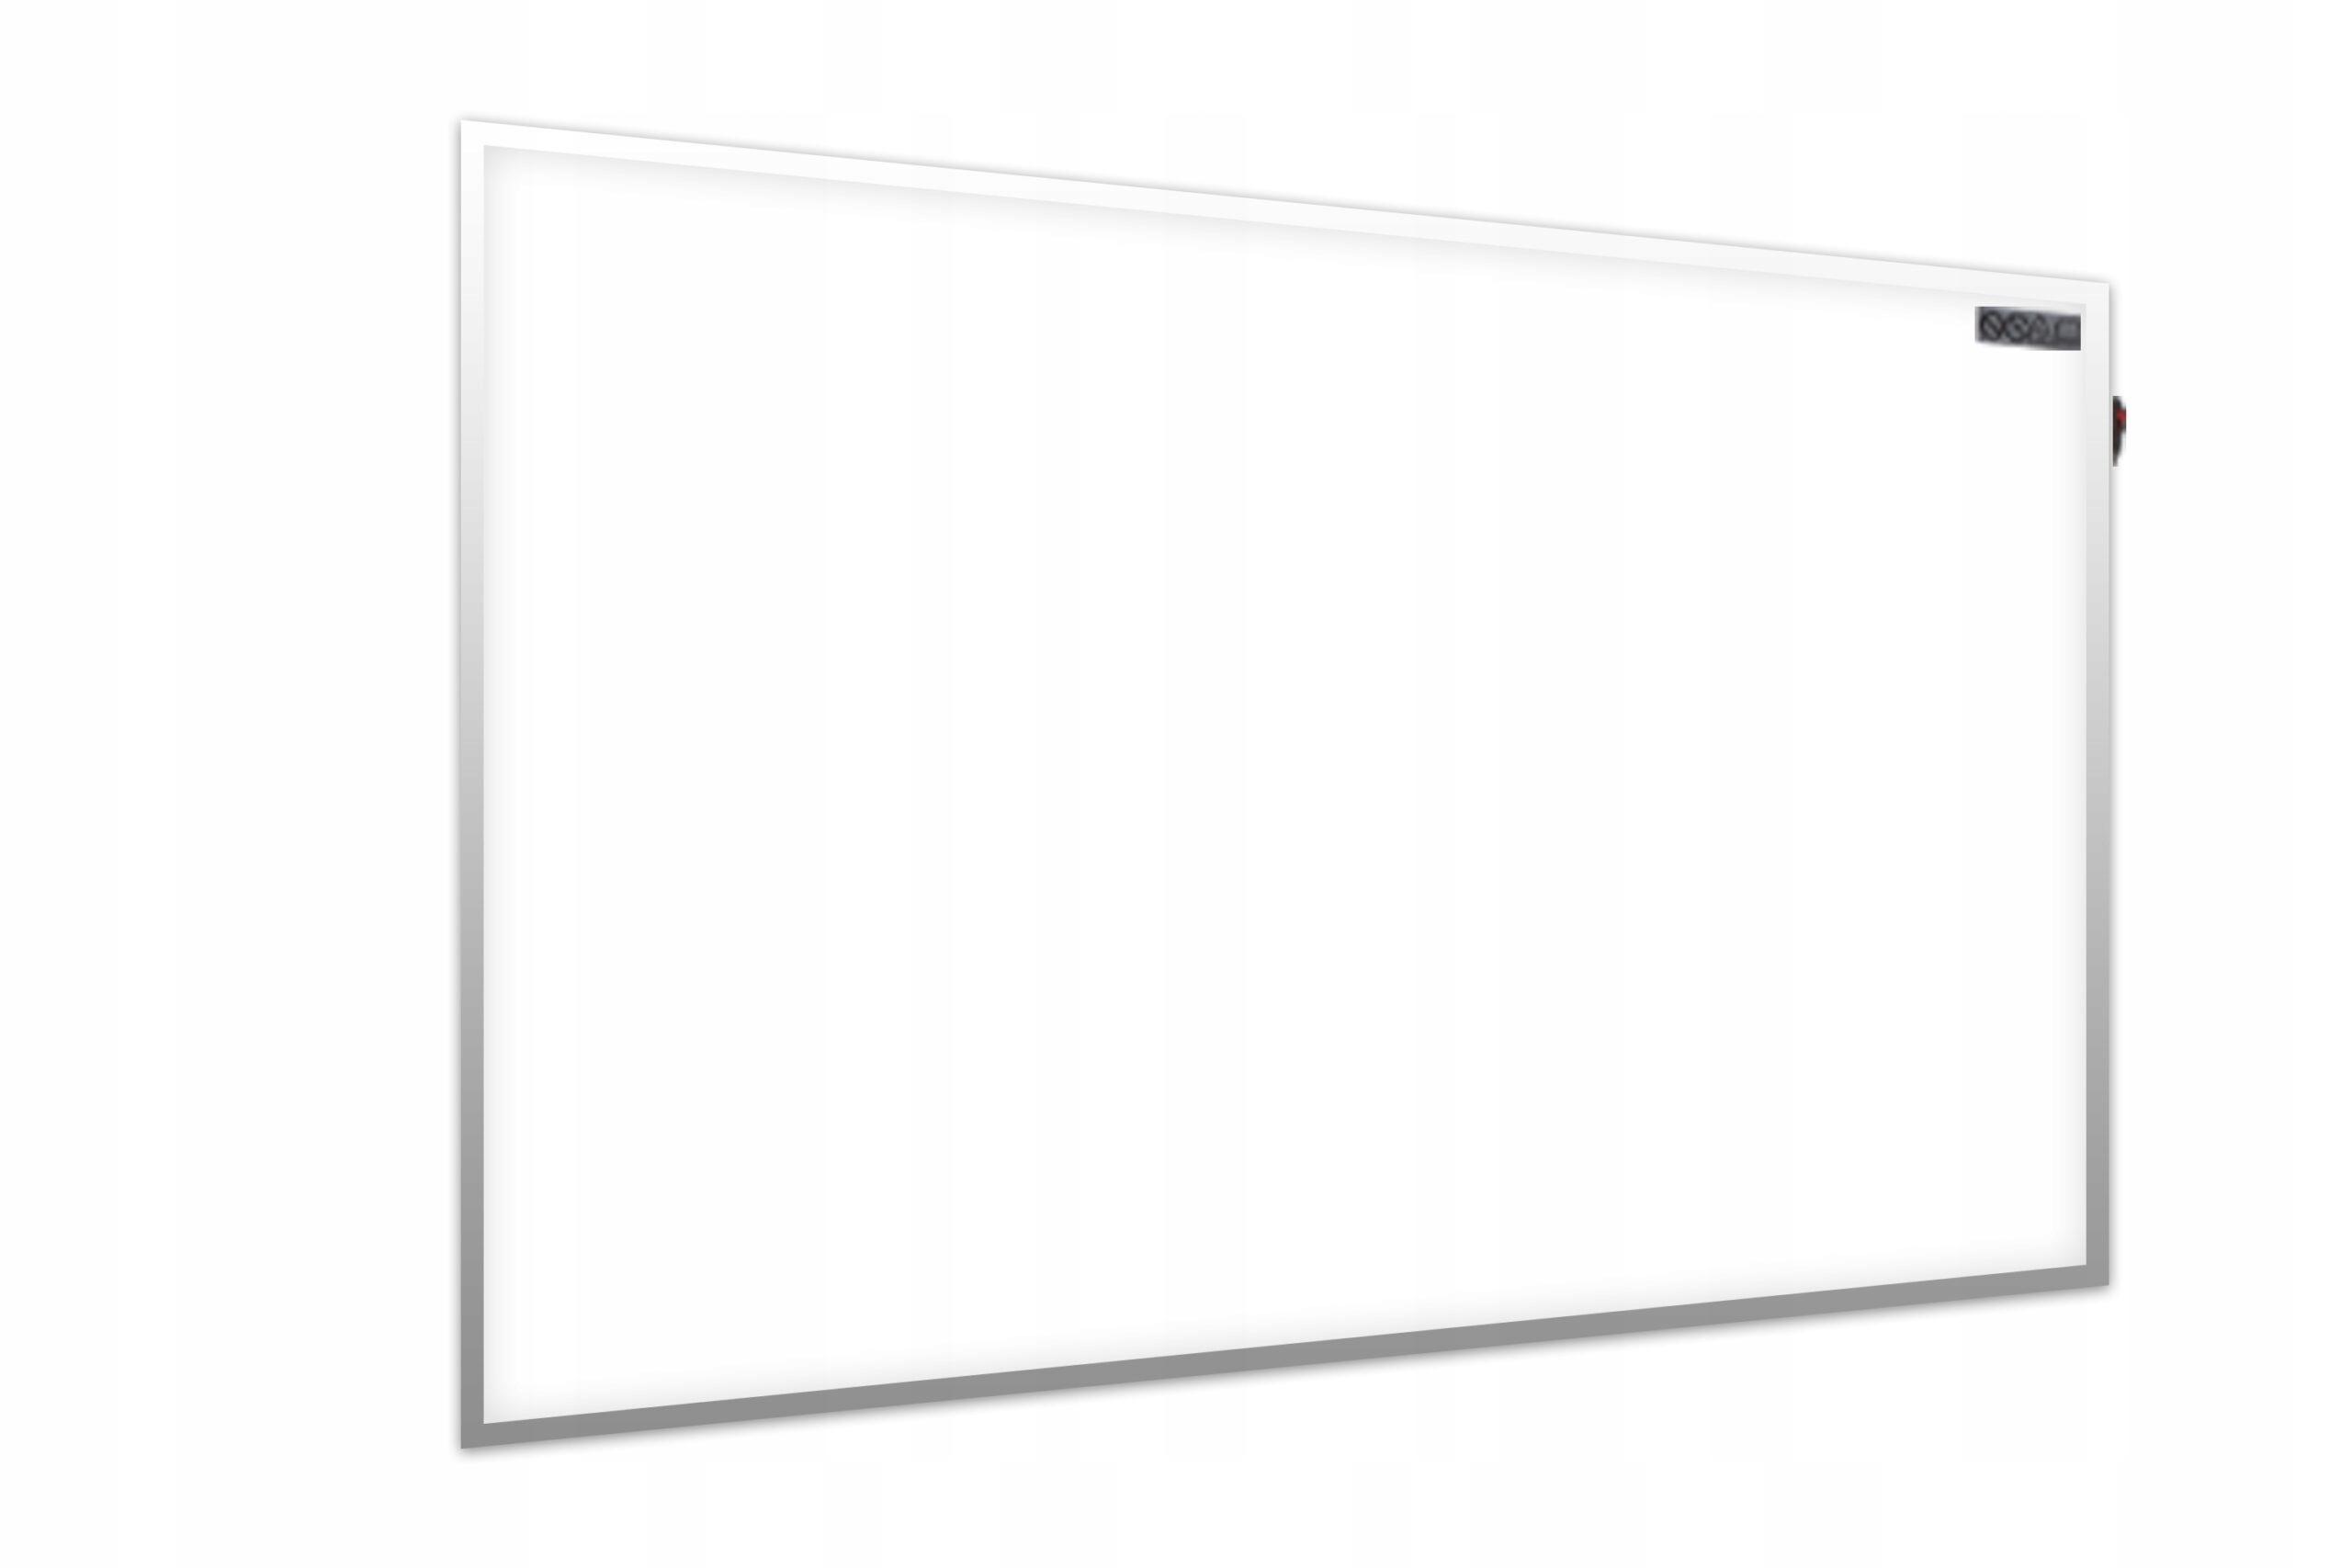 Инфракрасная нагревательная панель 700W SILVER FRAME